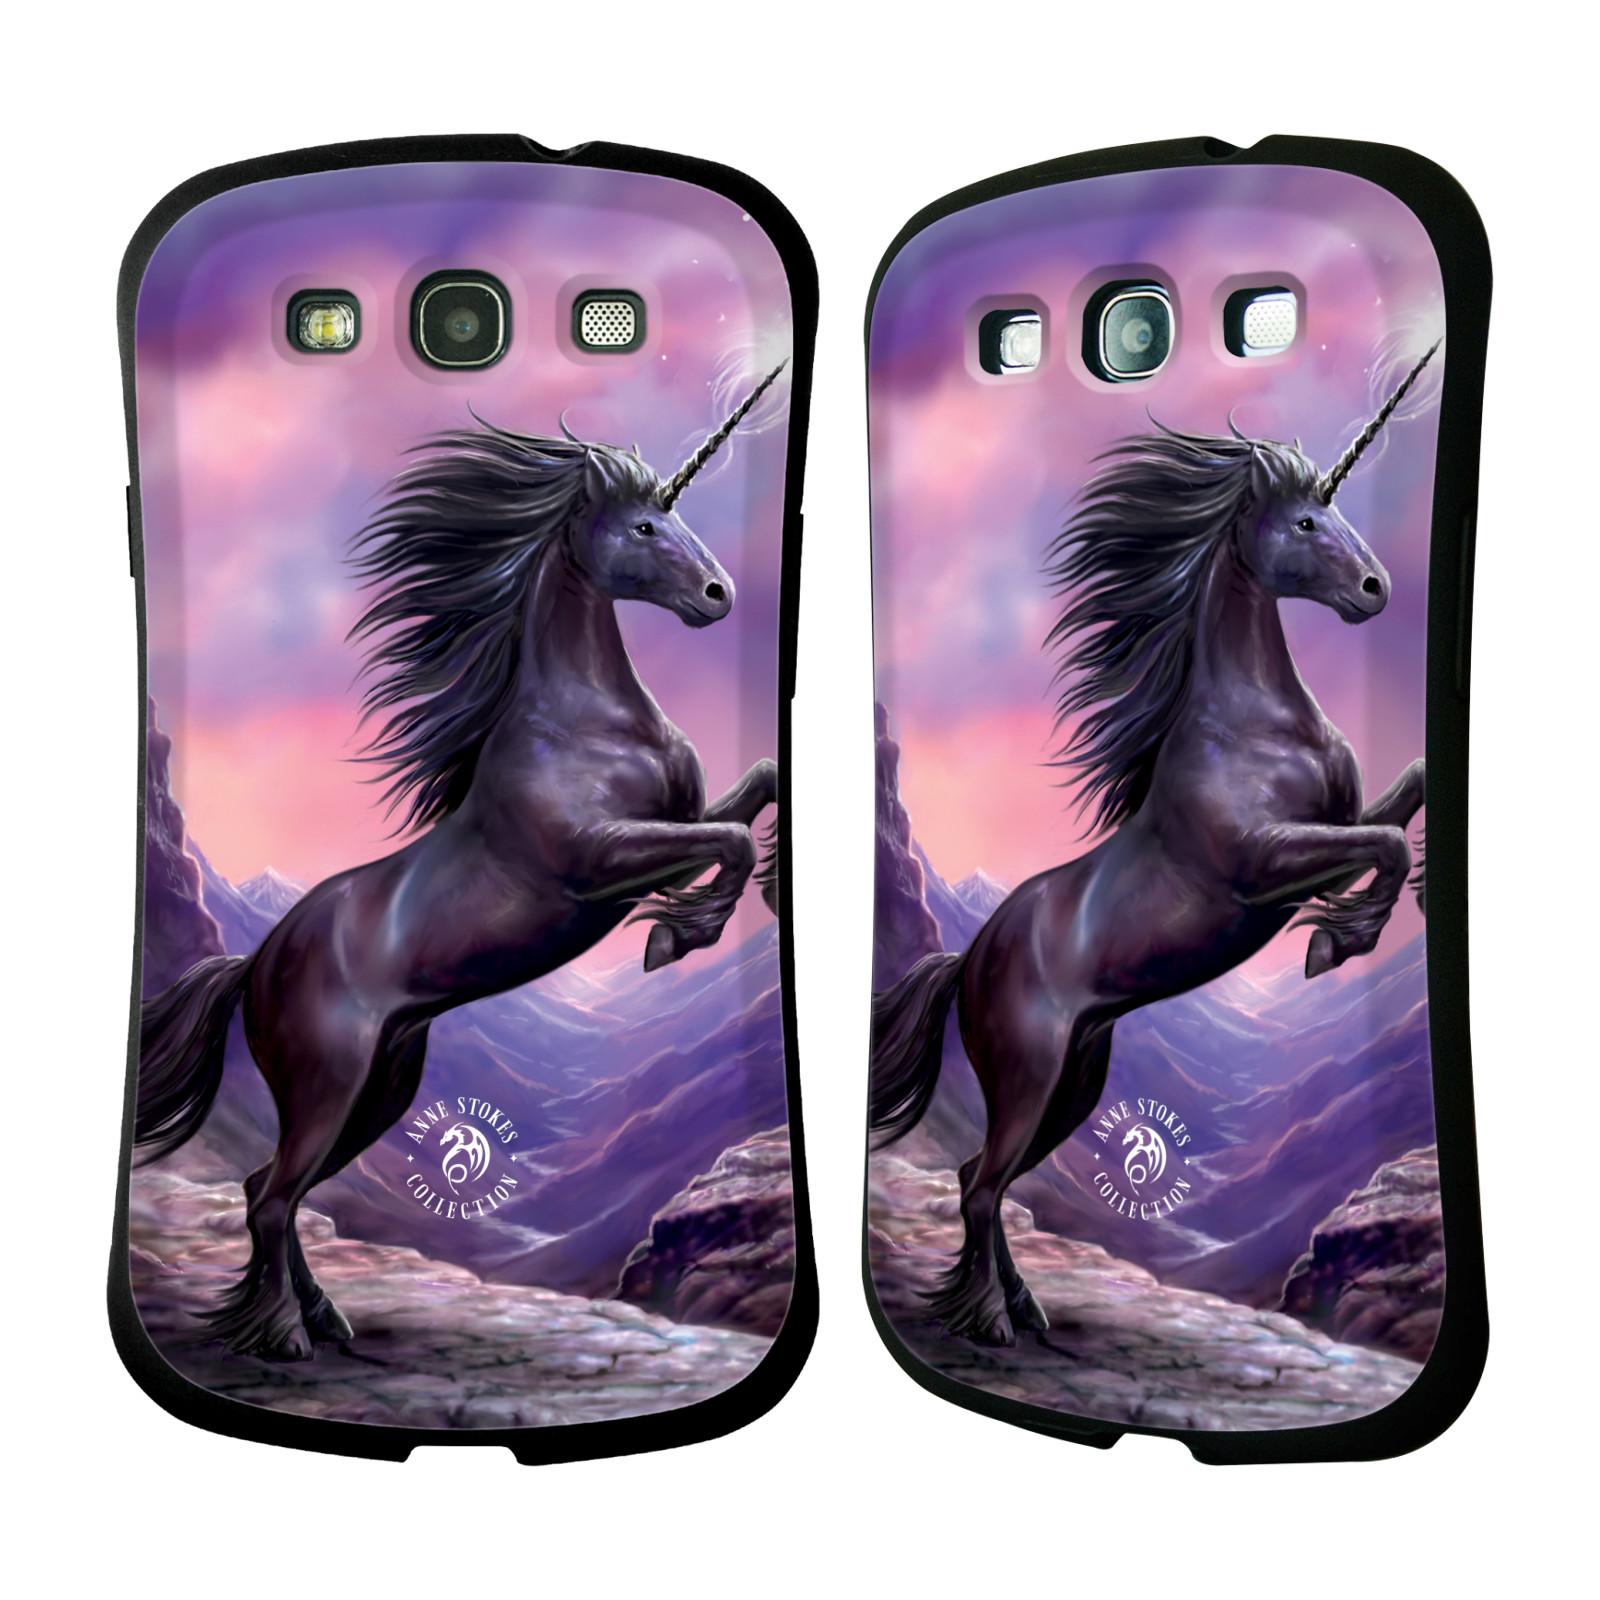 HEAD CASE silikon/plast odolný obal na mobil Samsung Galaxy S3 i9300 / S3 NEO Anne Stokes kůň černý jednorožec